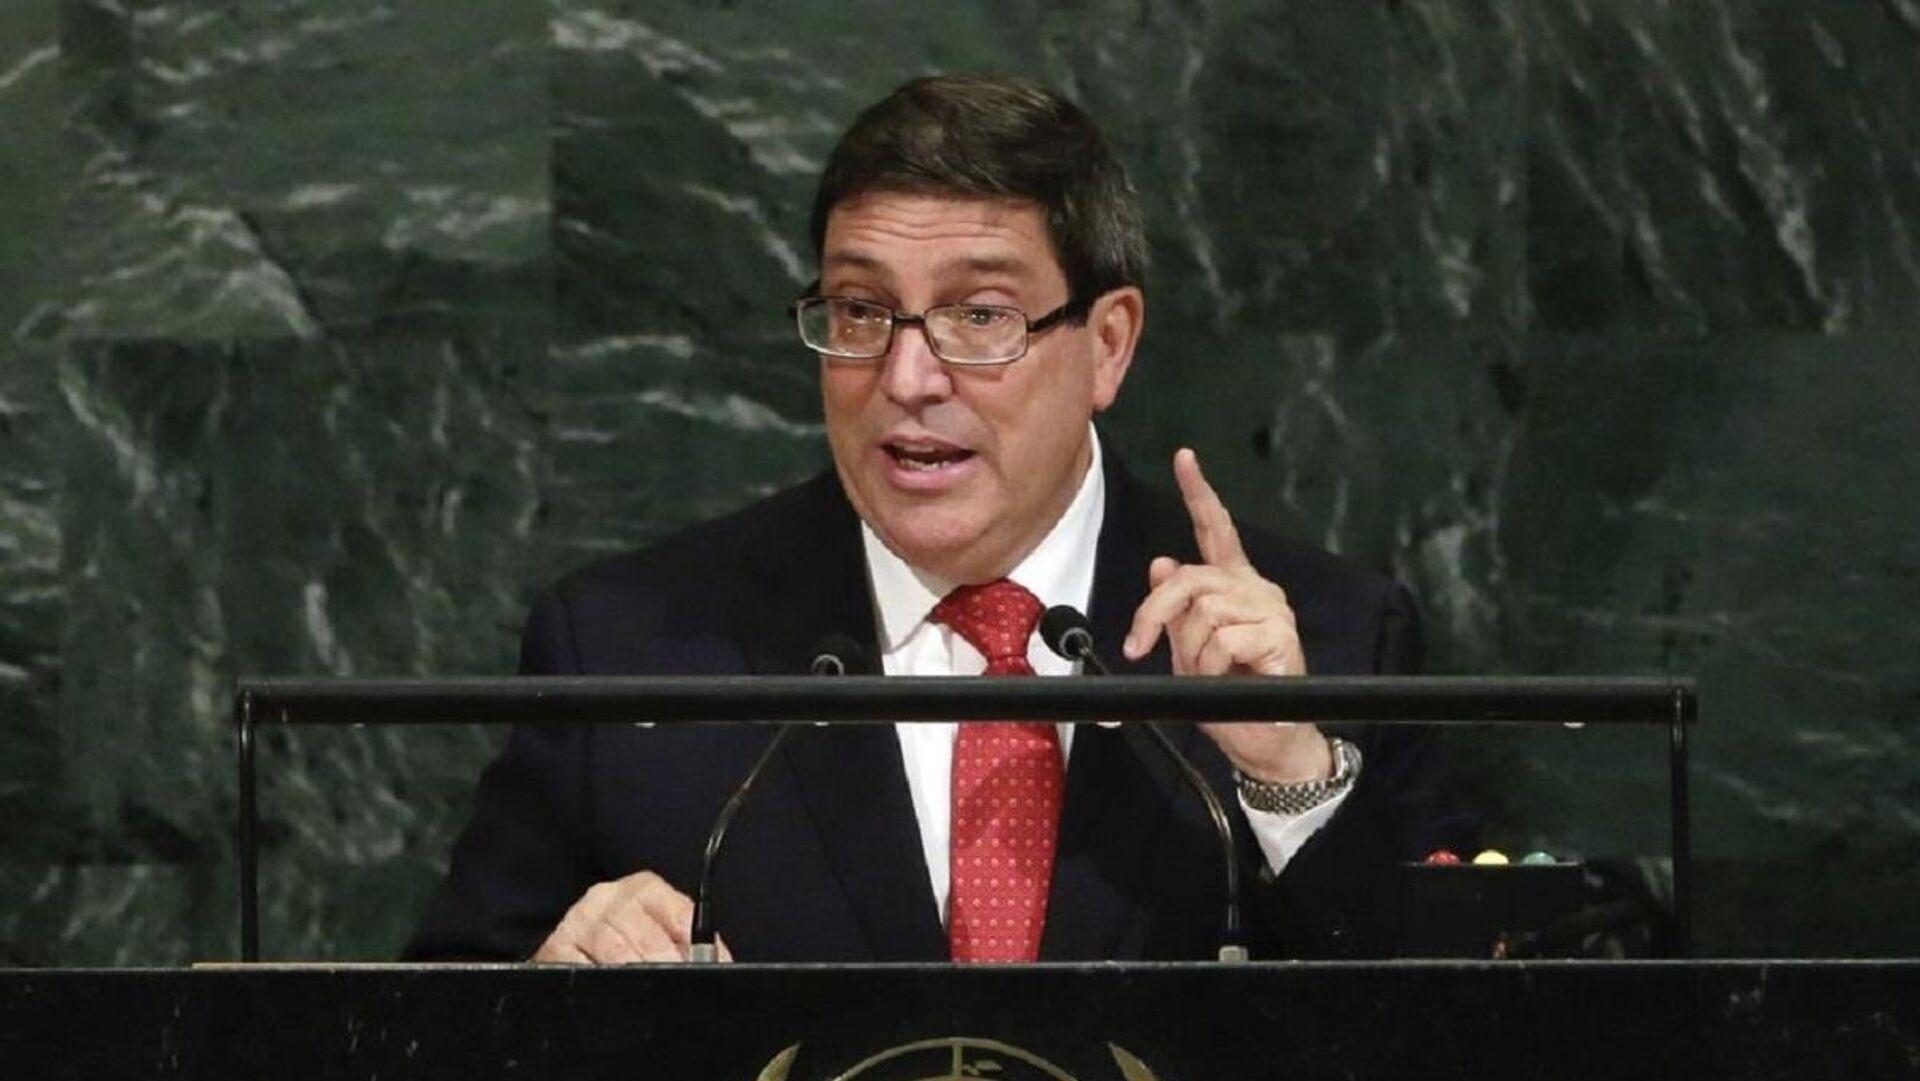 Küba Dışişleri Bakanı Bruno Rodríguez Parrilla - BM Genel Kurulu - Sputnik Türkiye, 1920, 29.09.2021